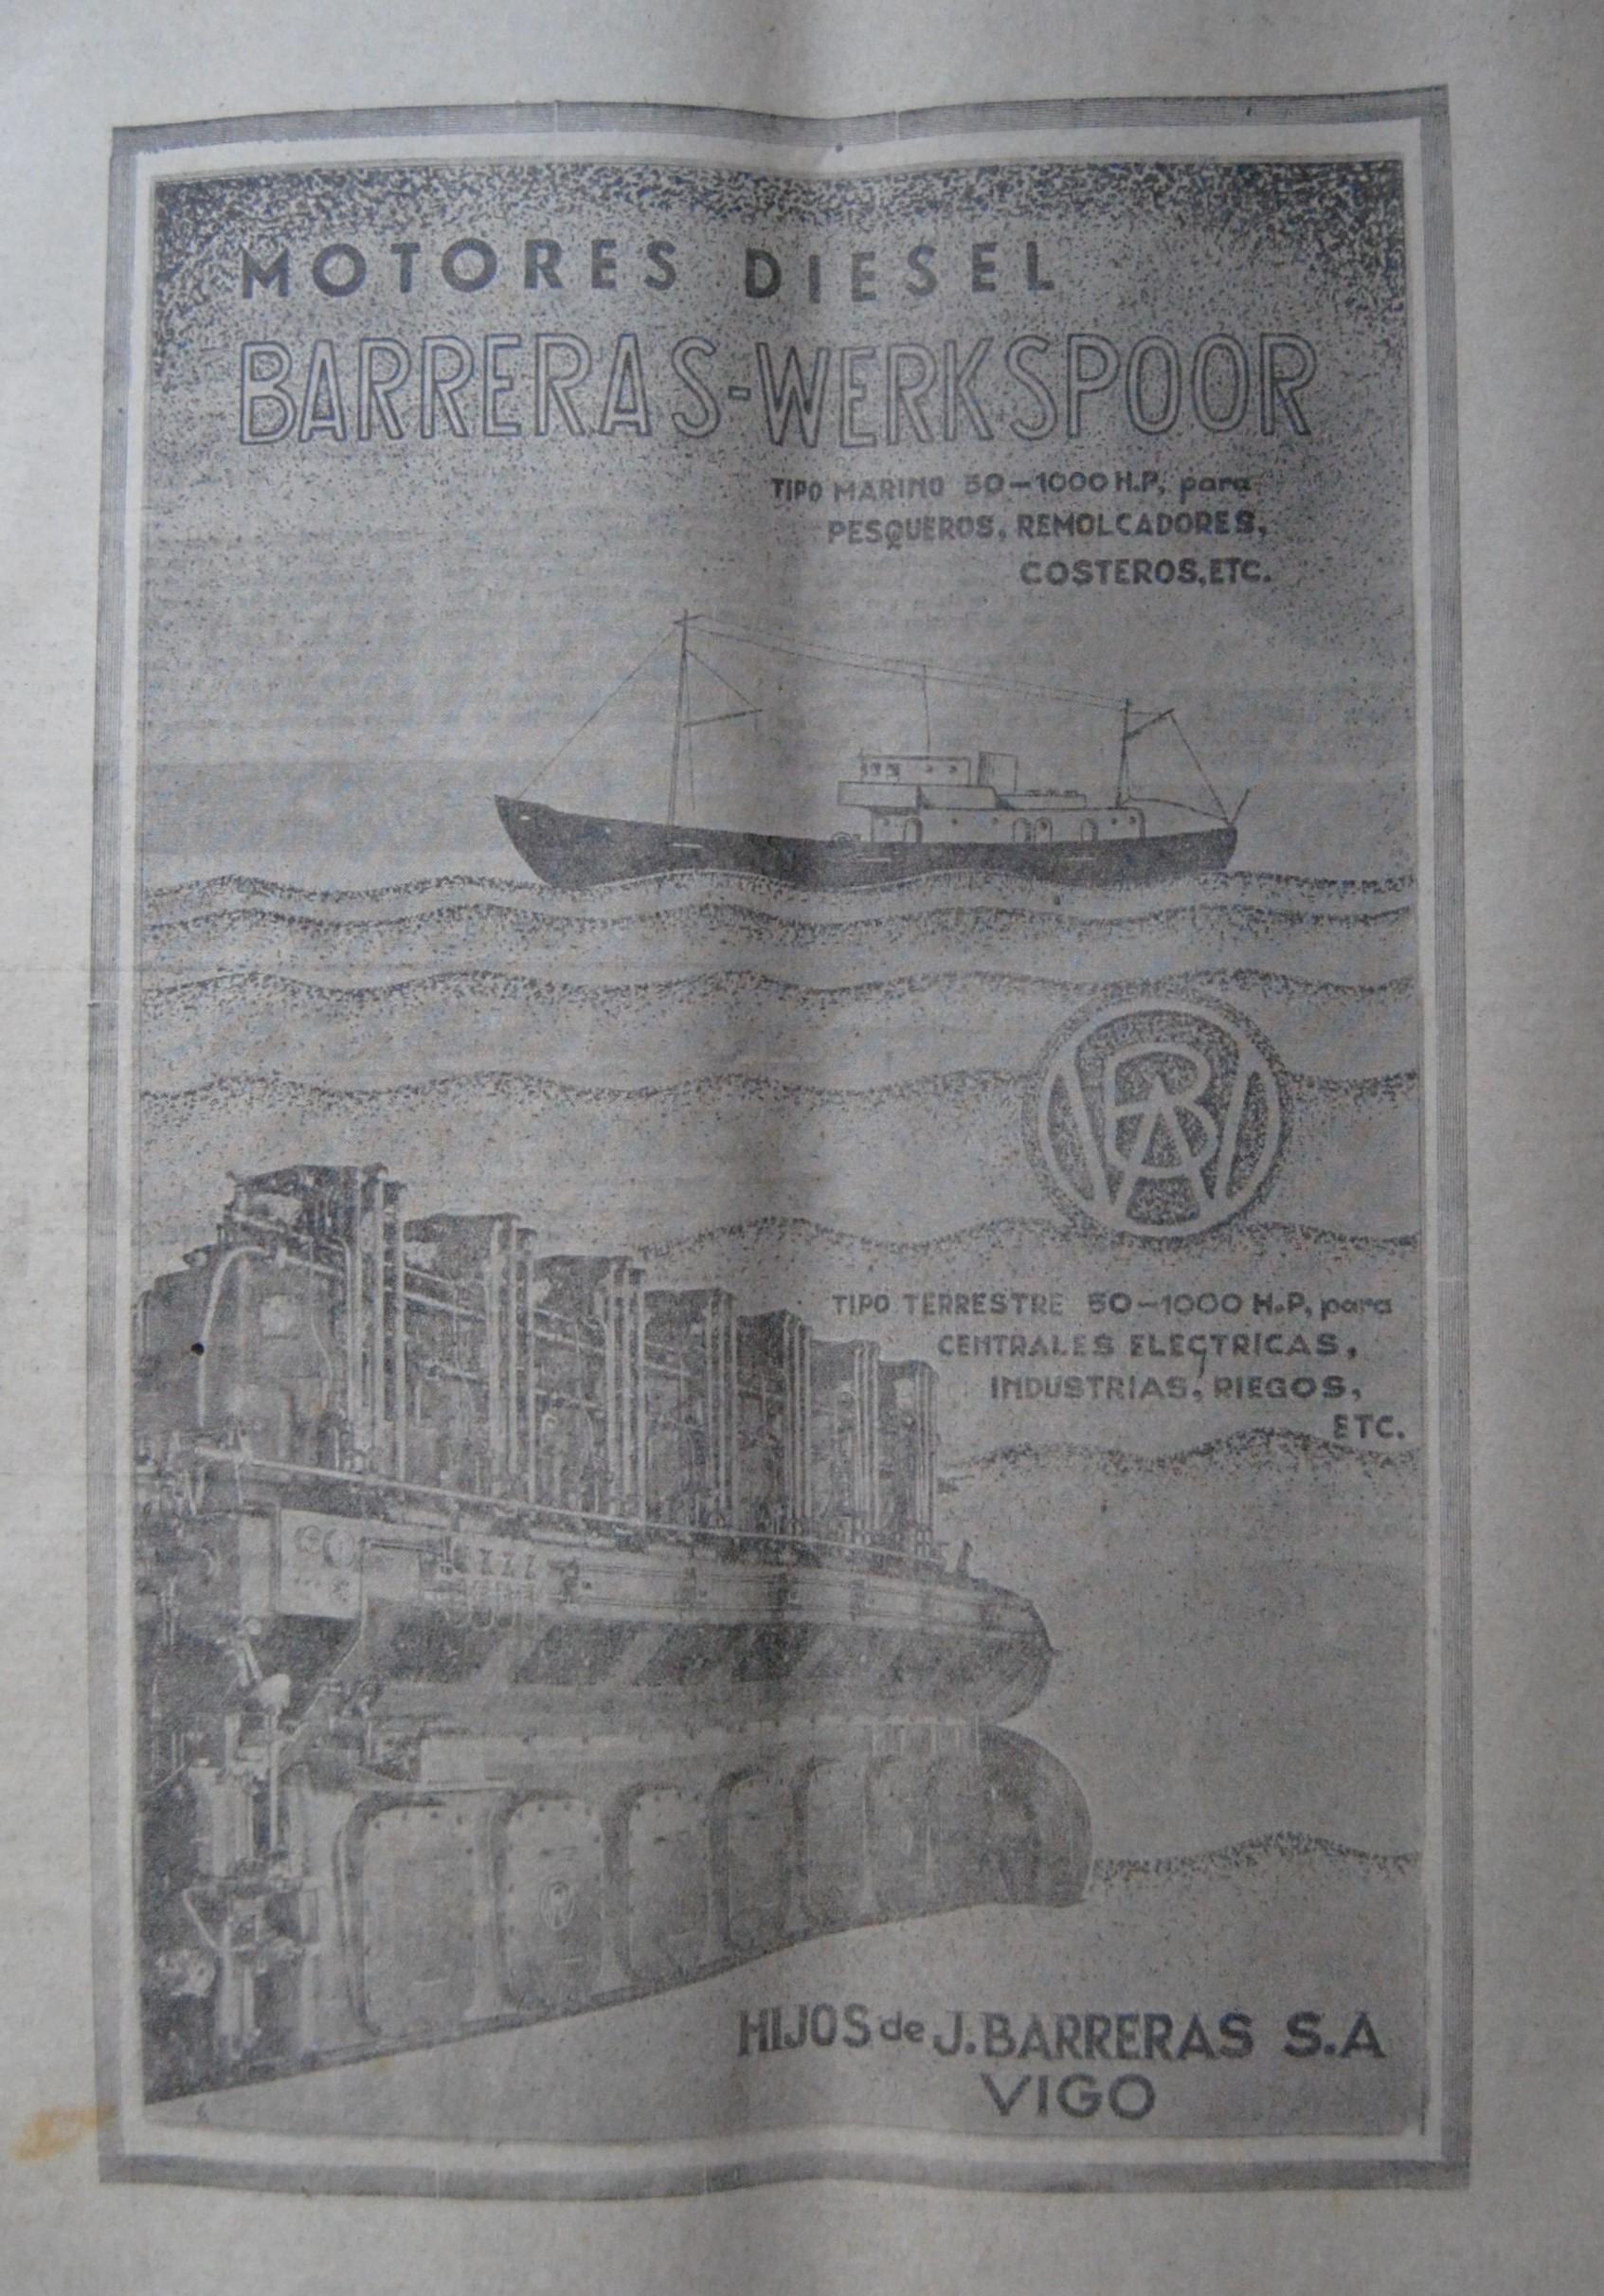 Motores Barreras-Werkspoor